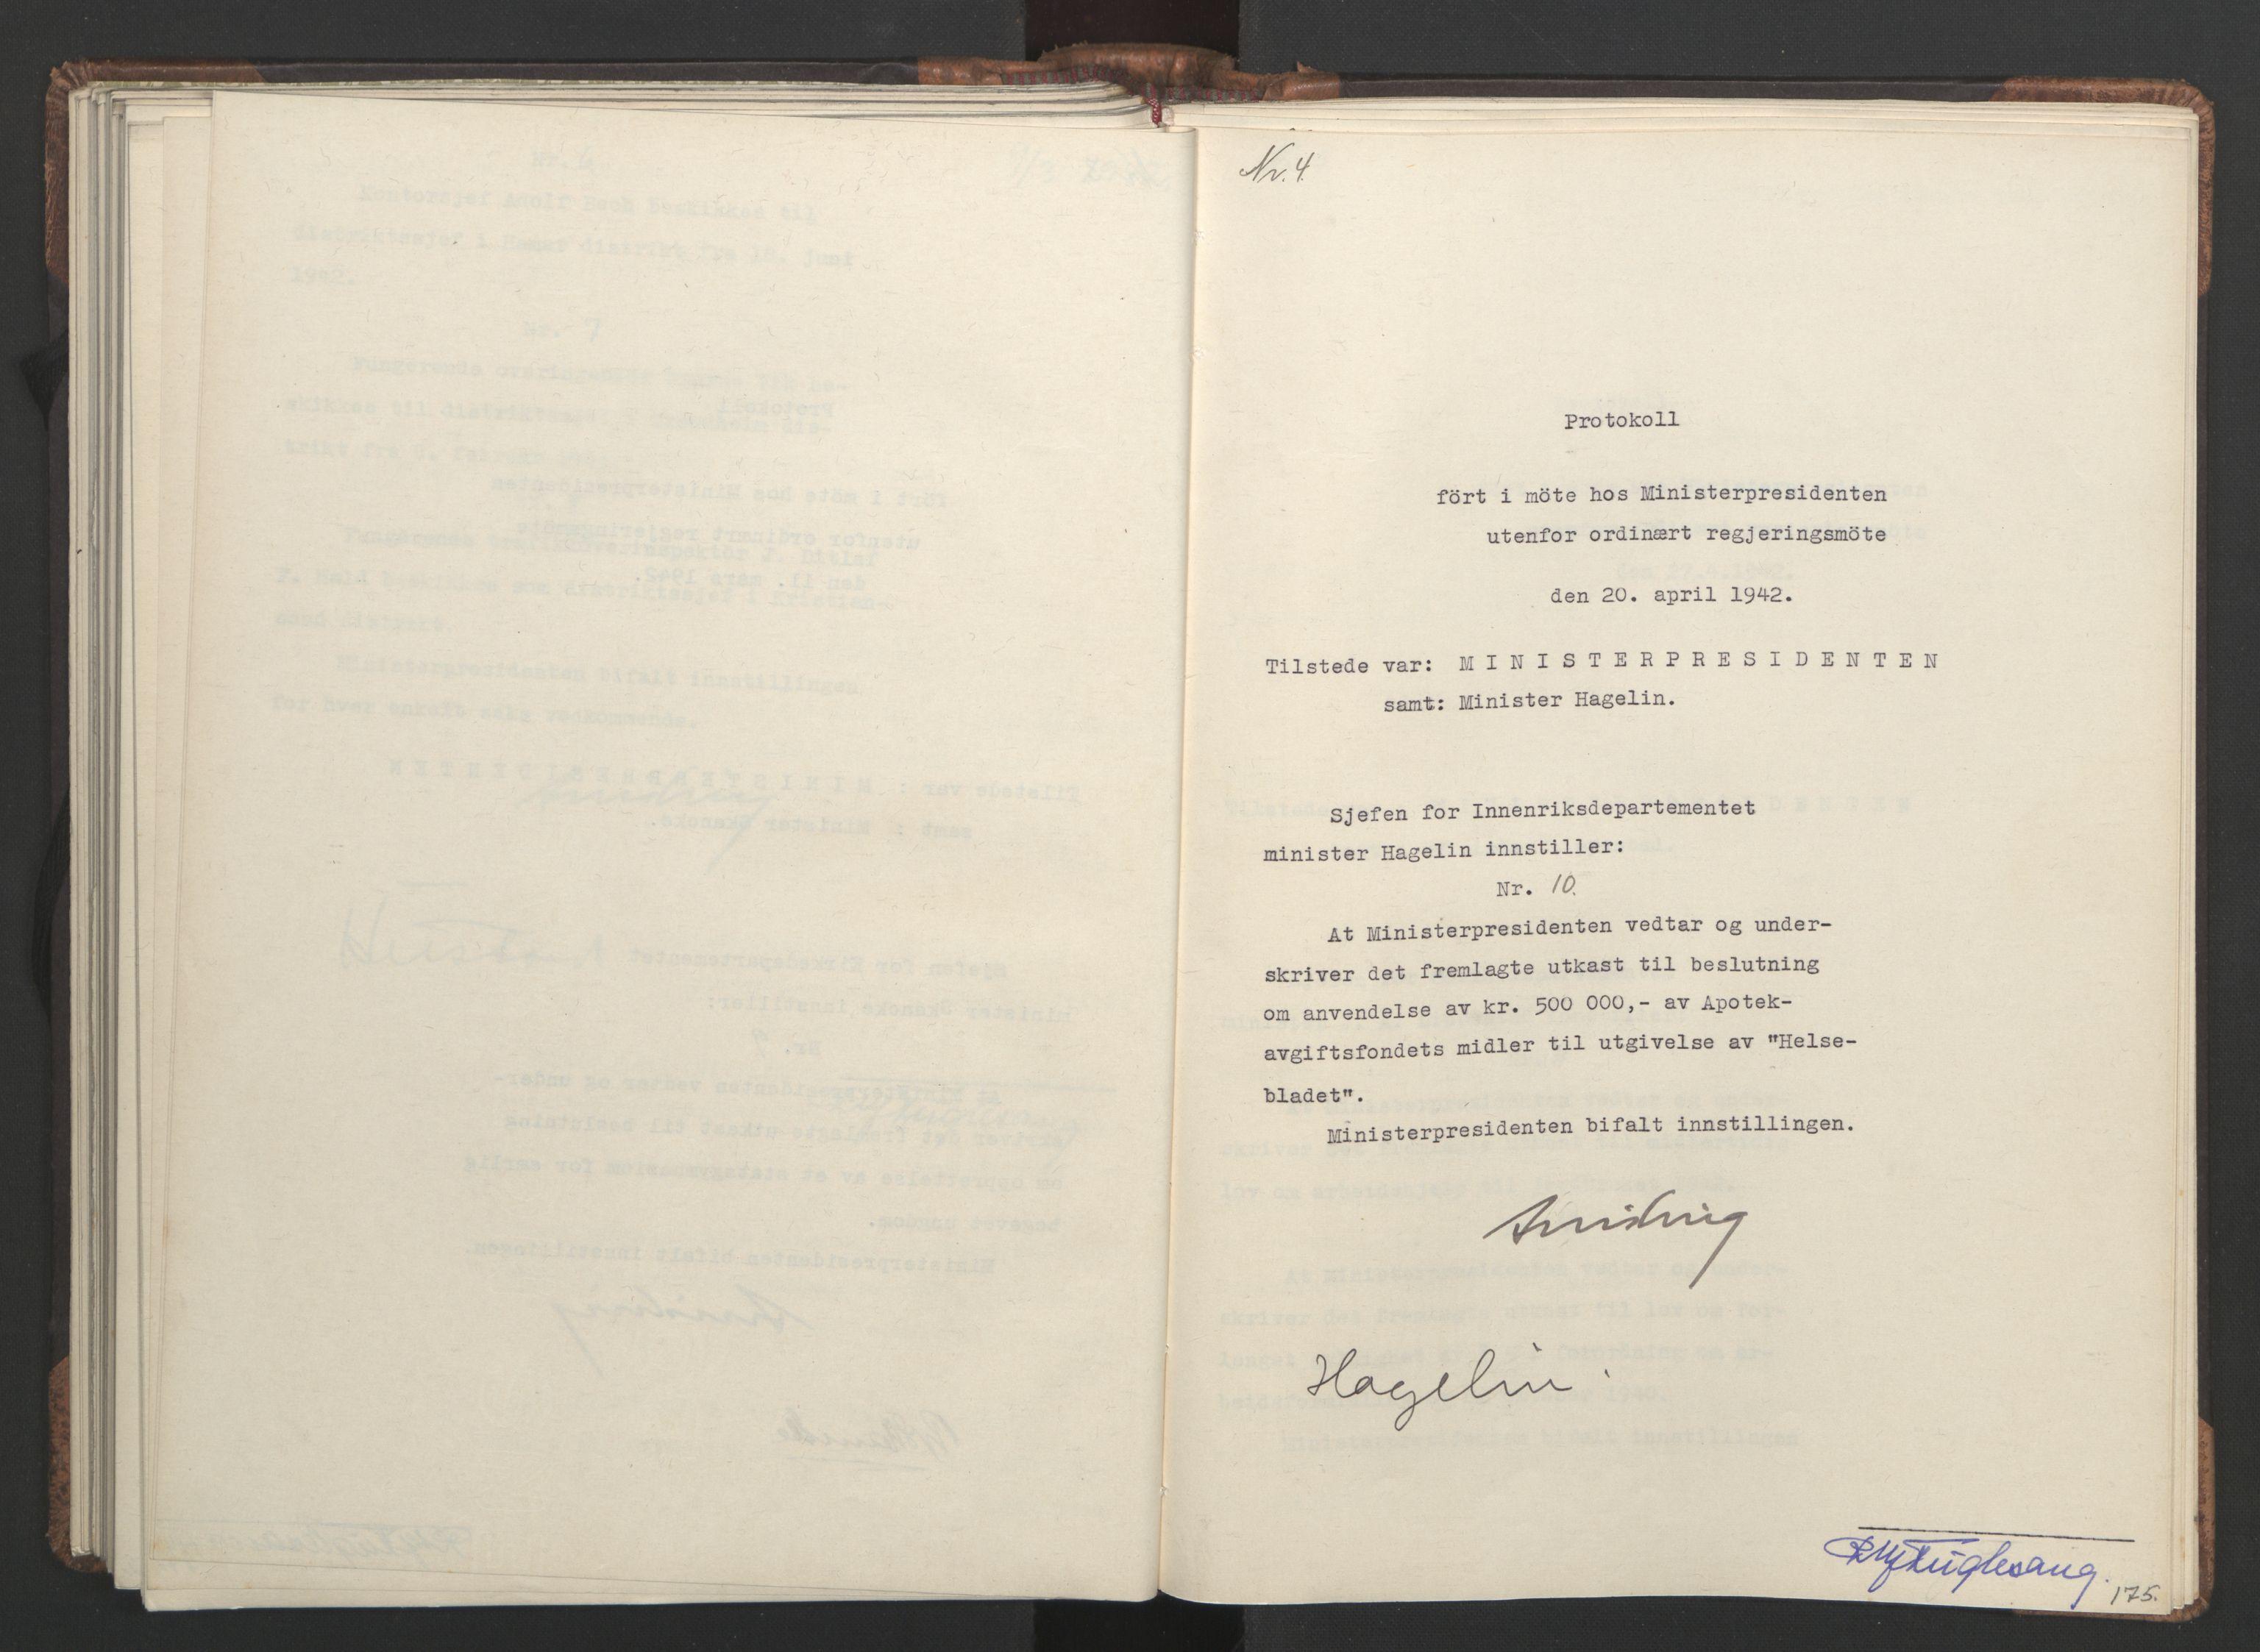 RA, NS-administrasjonen 1940-1945 (Statsrådsekretariatet, de kommisariske statsråder mm), D/Da/L0001: Beslutninger og tillegg (1-952 og 1-32), 1942, s. 174b-175a